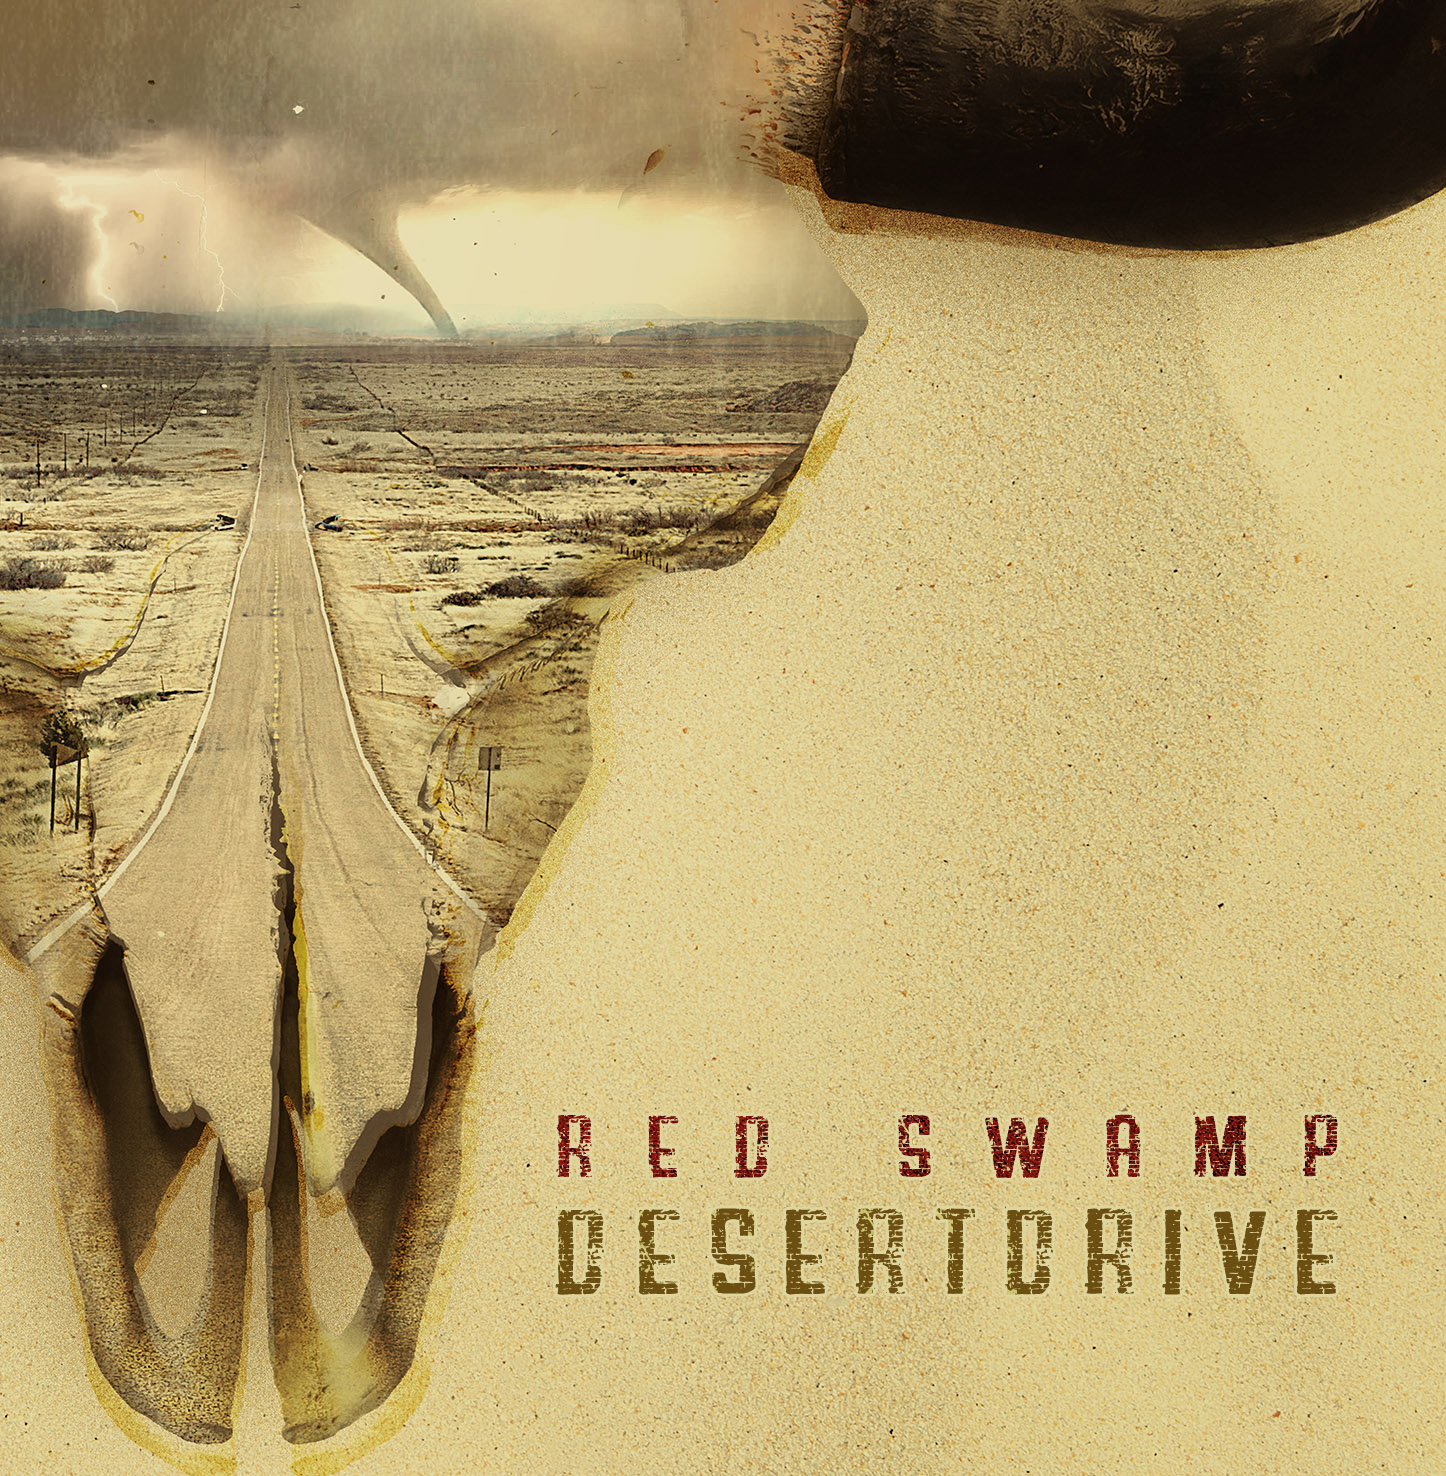 red_swamp_desertdrive.jpg